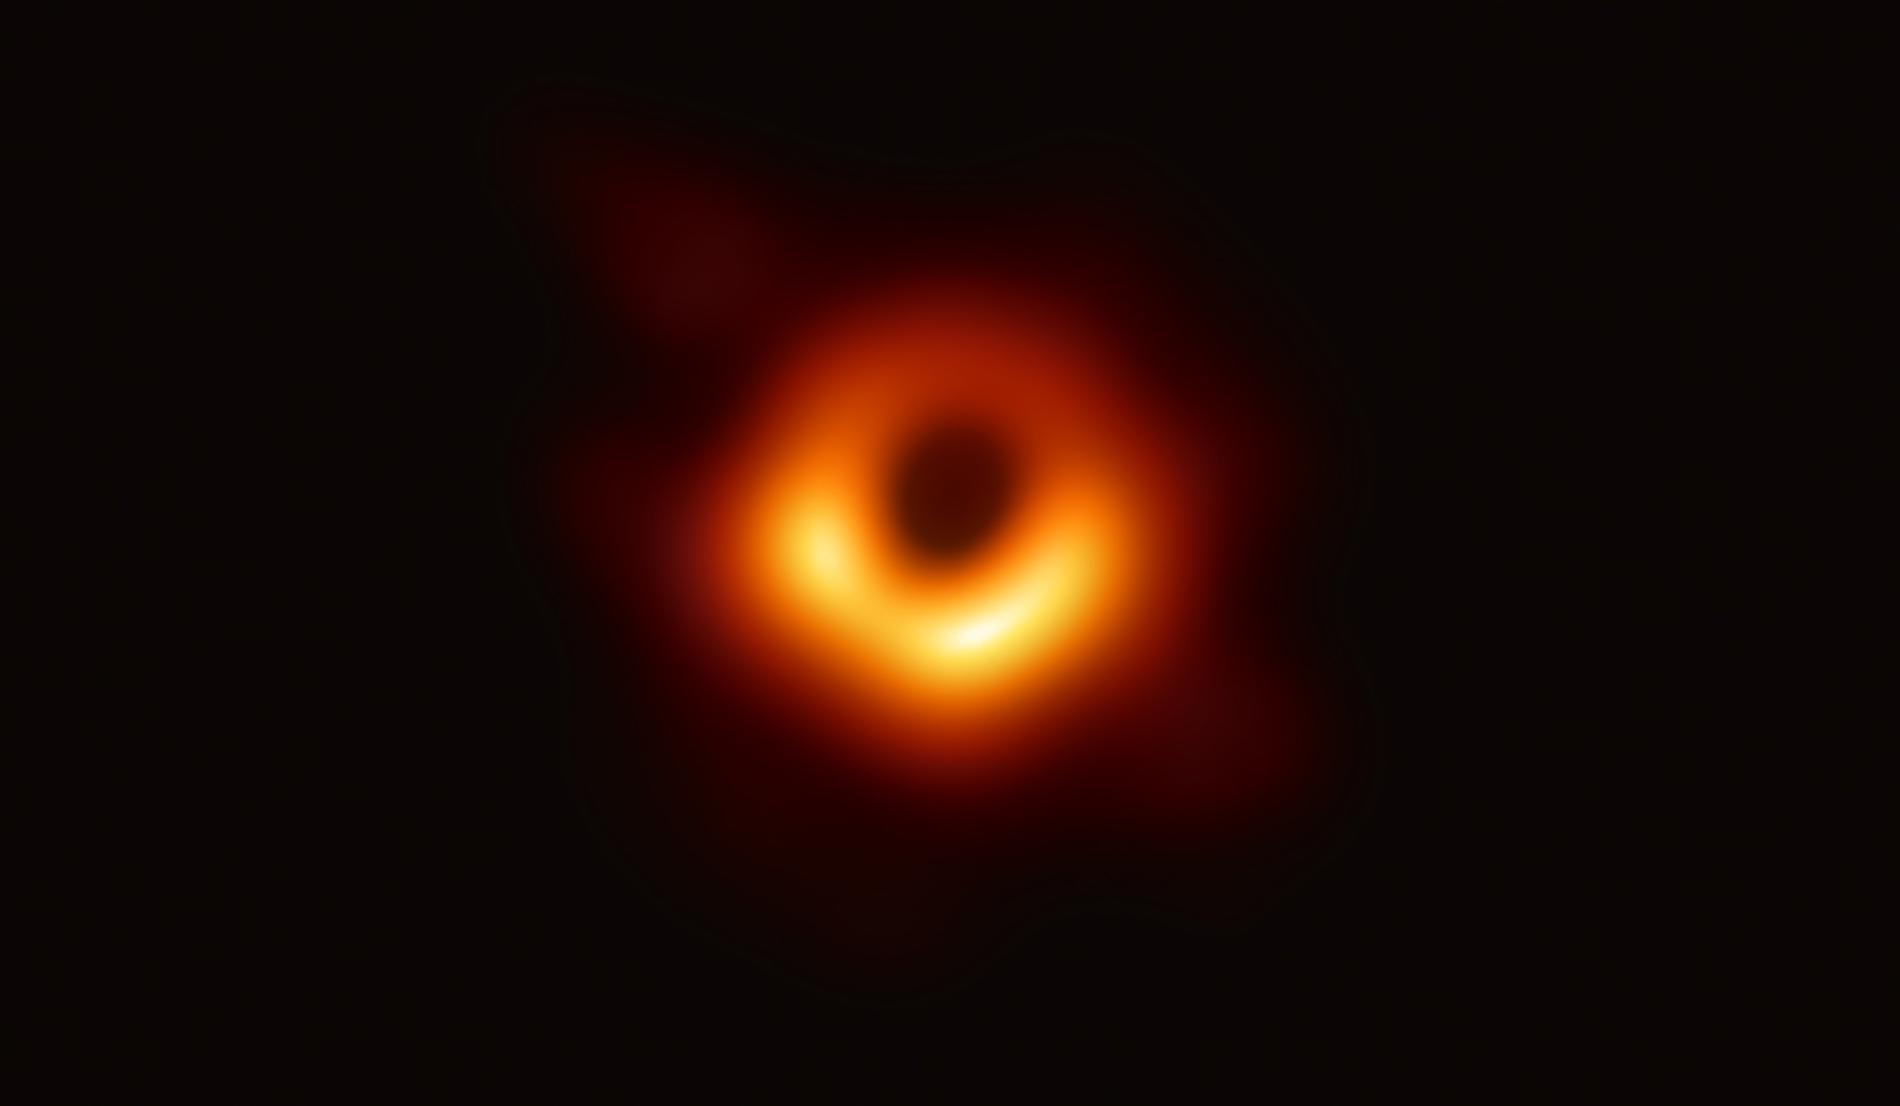 事件視界望遠鏡(Event Horizon Telescope)是個跟地球一樣大的地面無線電波望遠鏡陣列,天文學家利用它成功拍攝到超大質量黑洞及其暗影的第一張圖像。這張圖像揭露的是室女座星系團中大質量星系M87中心的黑洞。 PHOTOGRAPH BY EVENT HORIZON TELESCOPE COLLABORATION